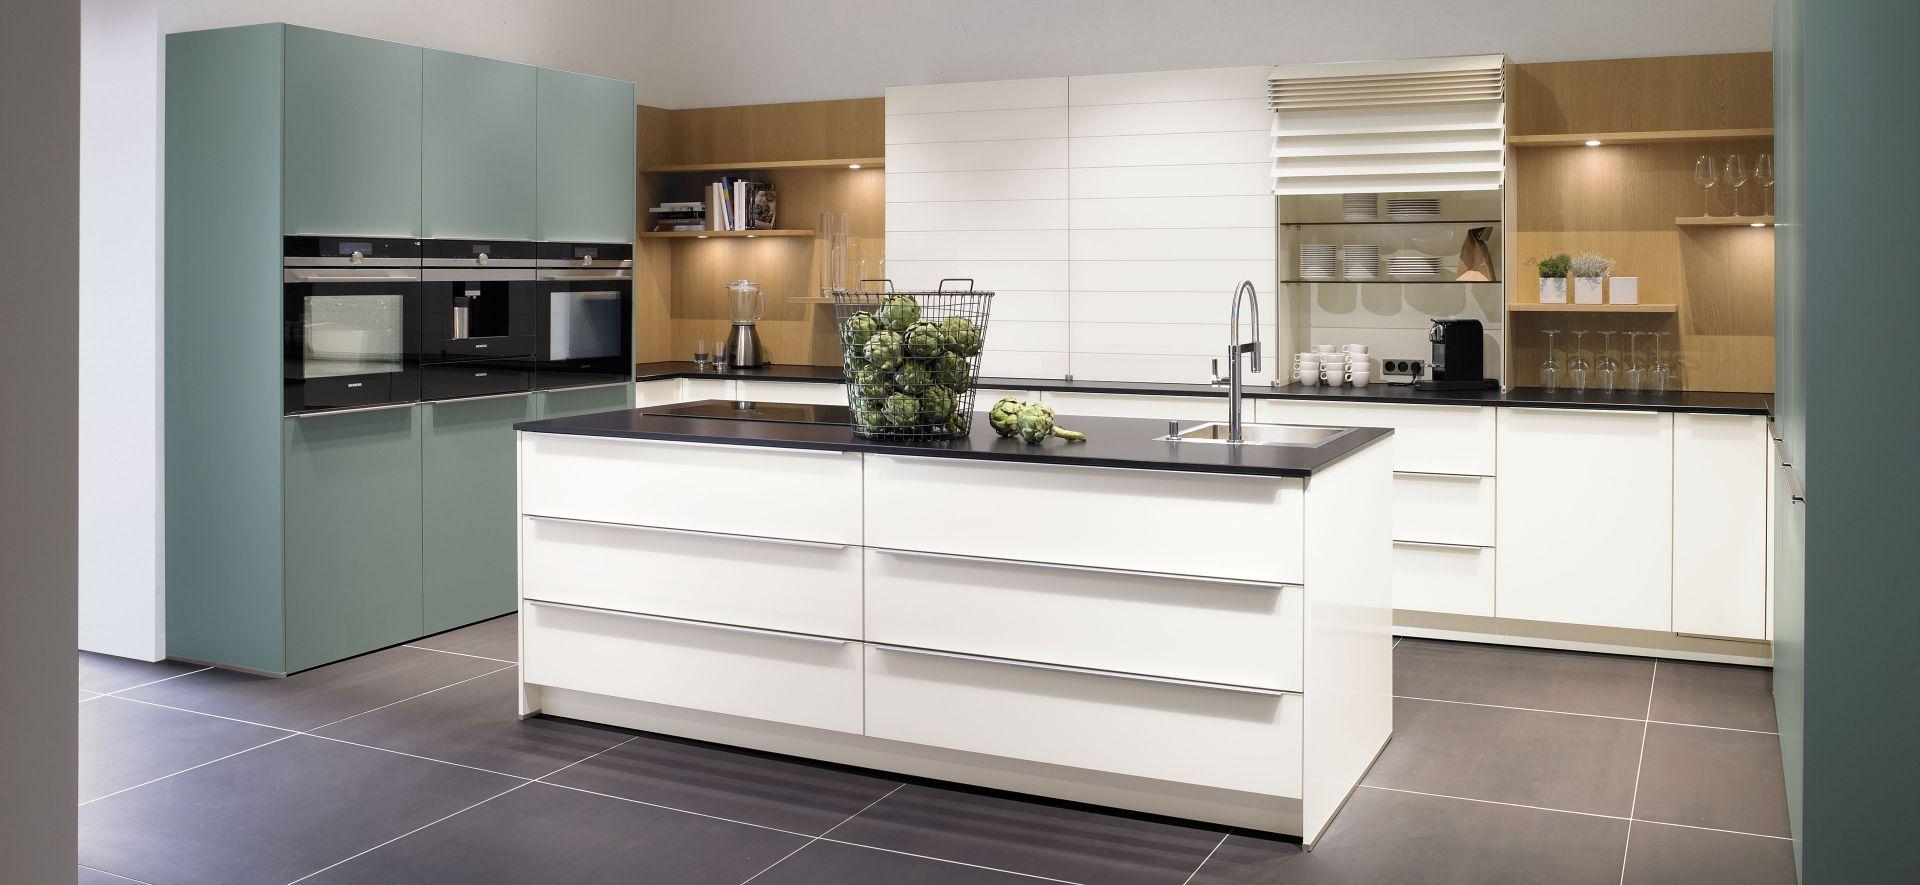 küchenplana beste pic der cfeffffefafde jpg